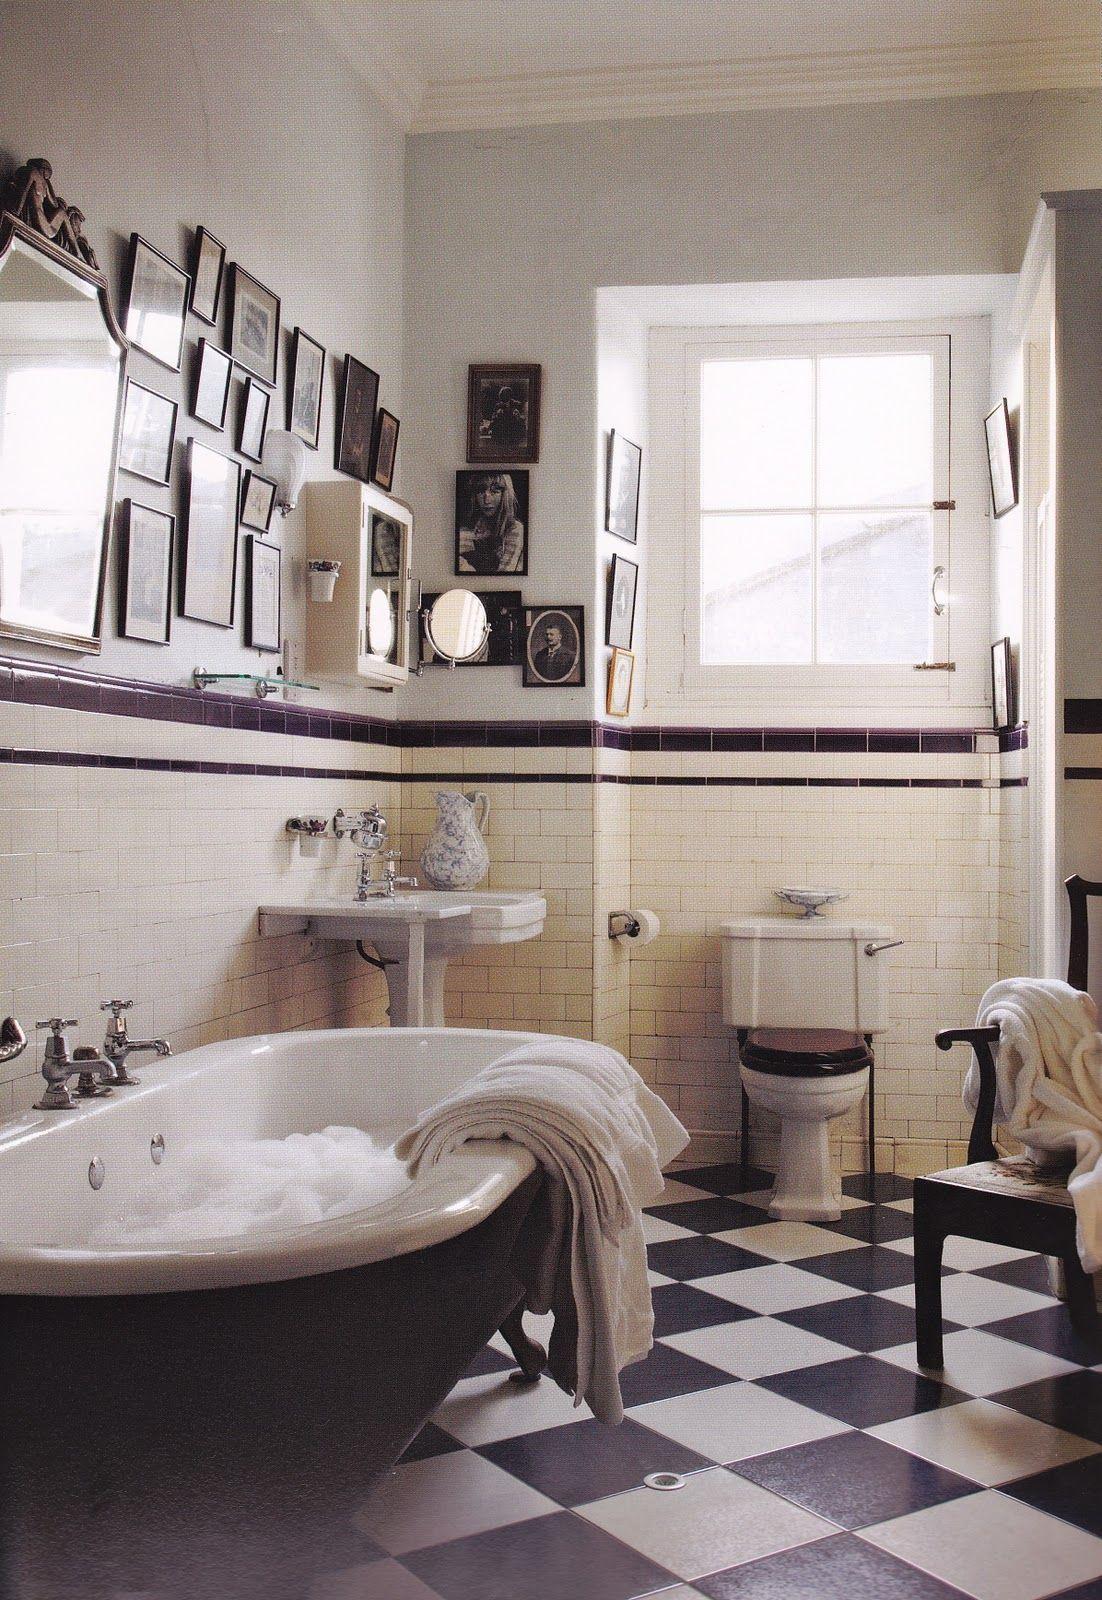 robinetterie et salle de bain r tro haut de gamme retro bathroom pinterest salle de bain. Black Bedroom Furniture Sets. Home Design Ideas